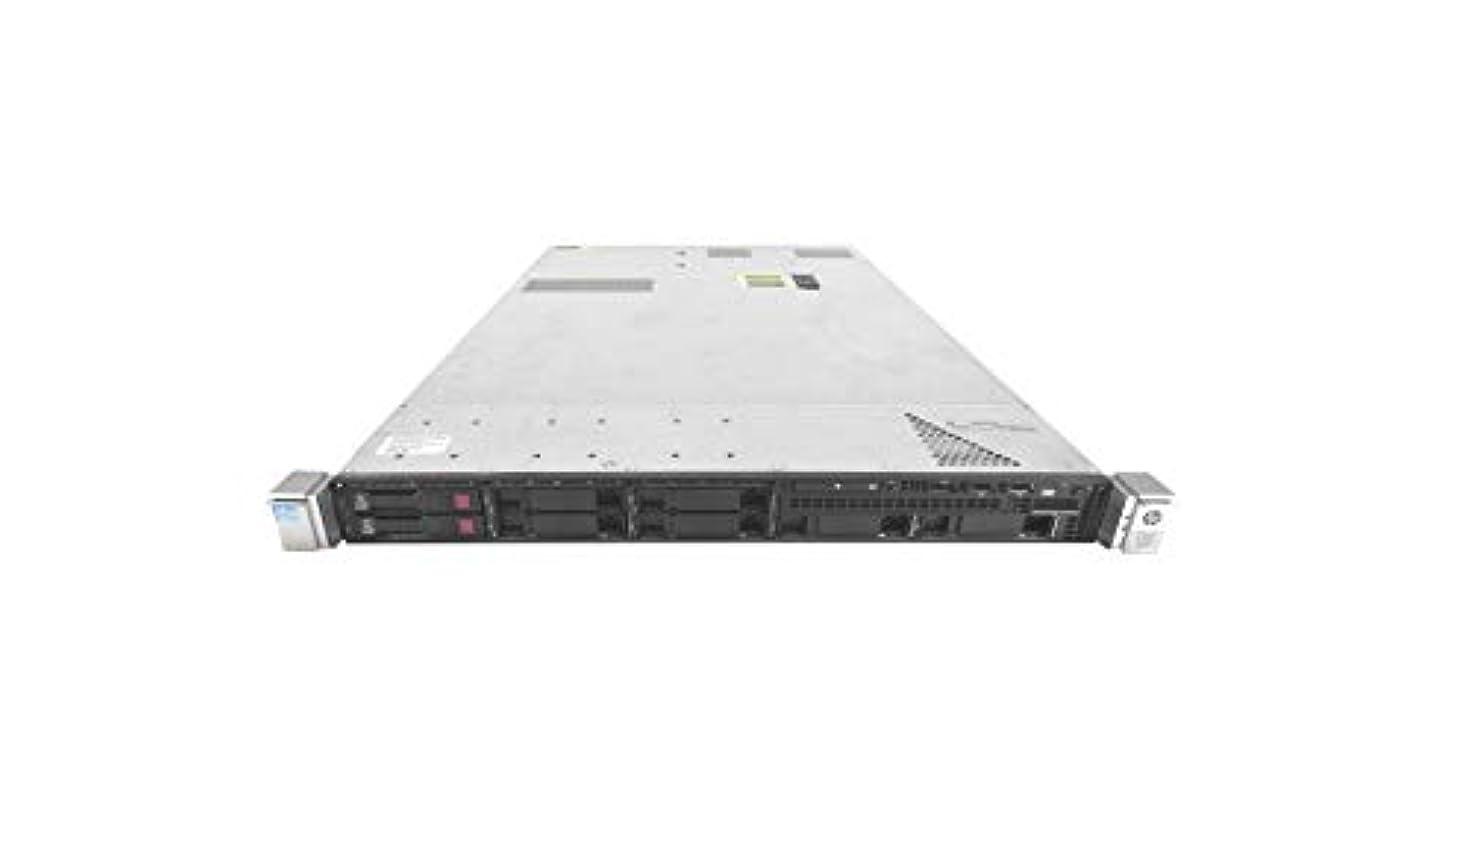 満たすカタログ地平線HP ProLiant dl360p g8 8-bay SFF 1uサーバー、2 x e5 – 2690 8 C 2.9 GHz、512 GB ddr3 , 2 x 480 GB SSD、オンボードRaid、2 x 750 W PSU、NOレール(認定Refurbished)